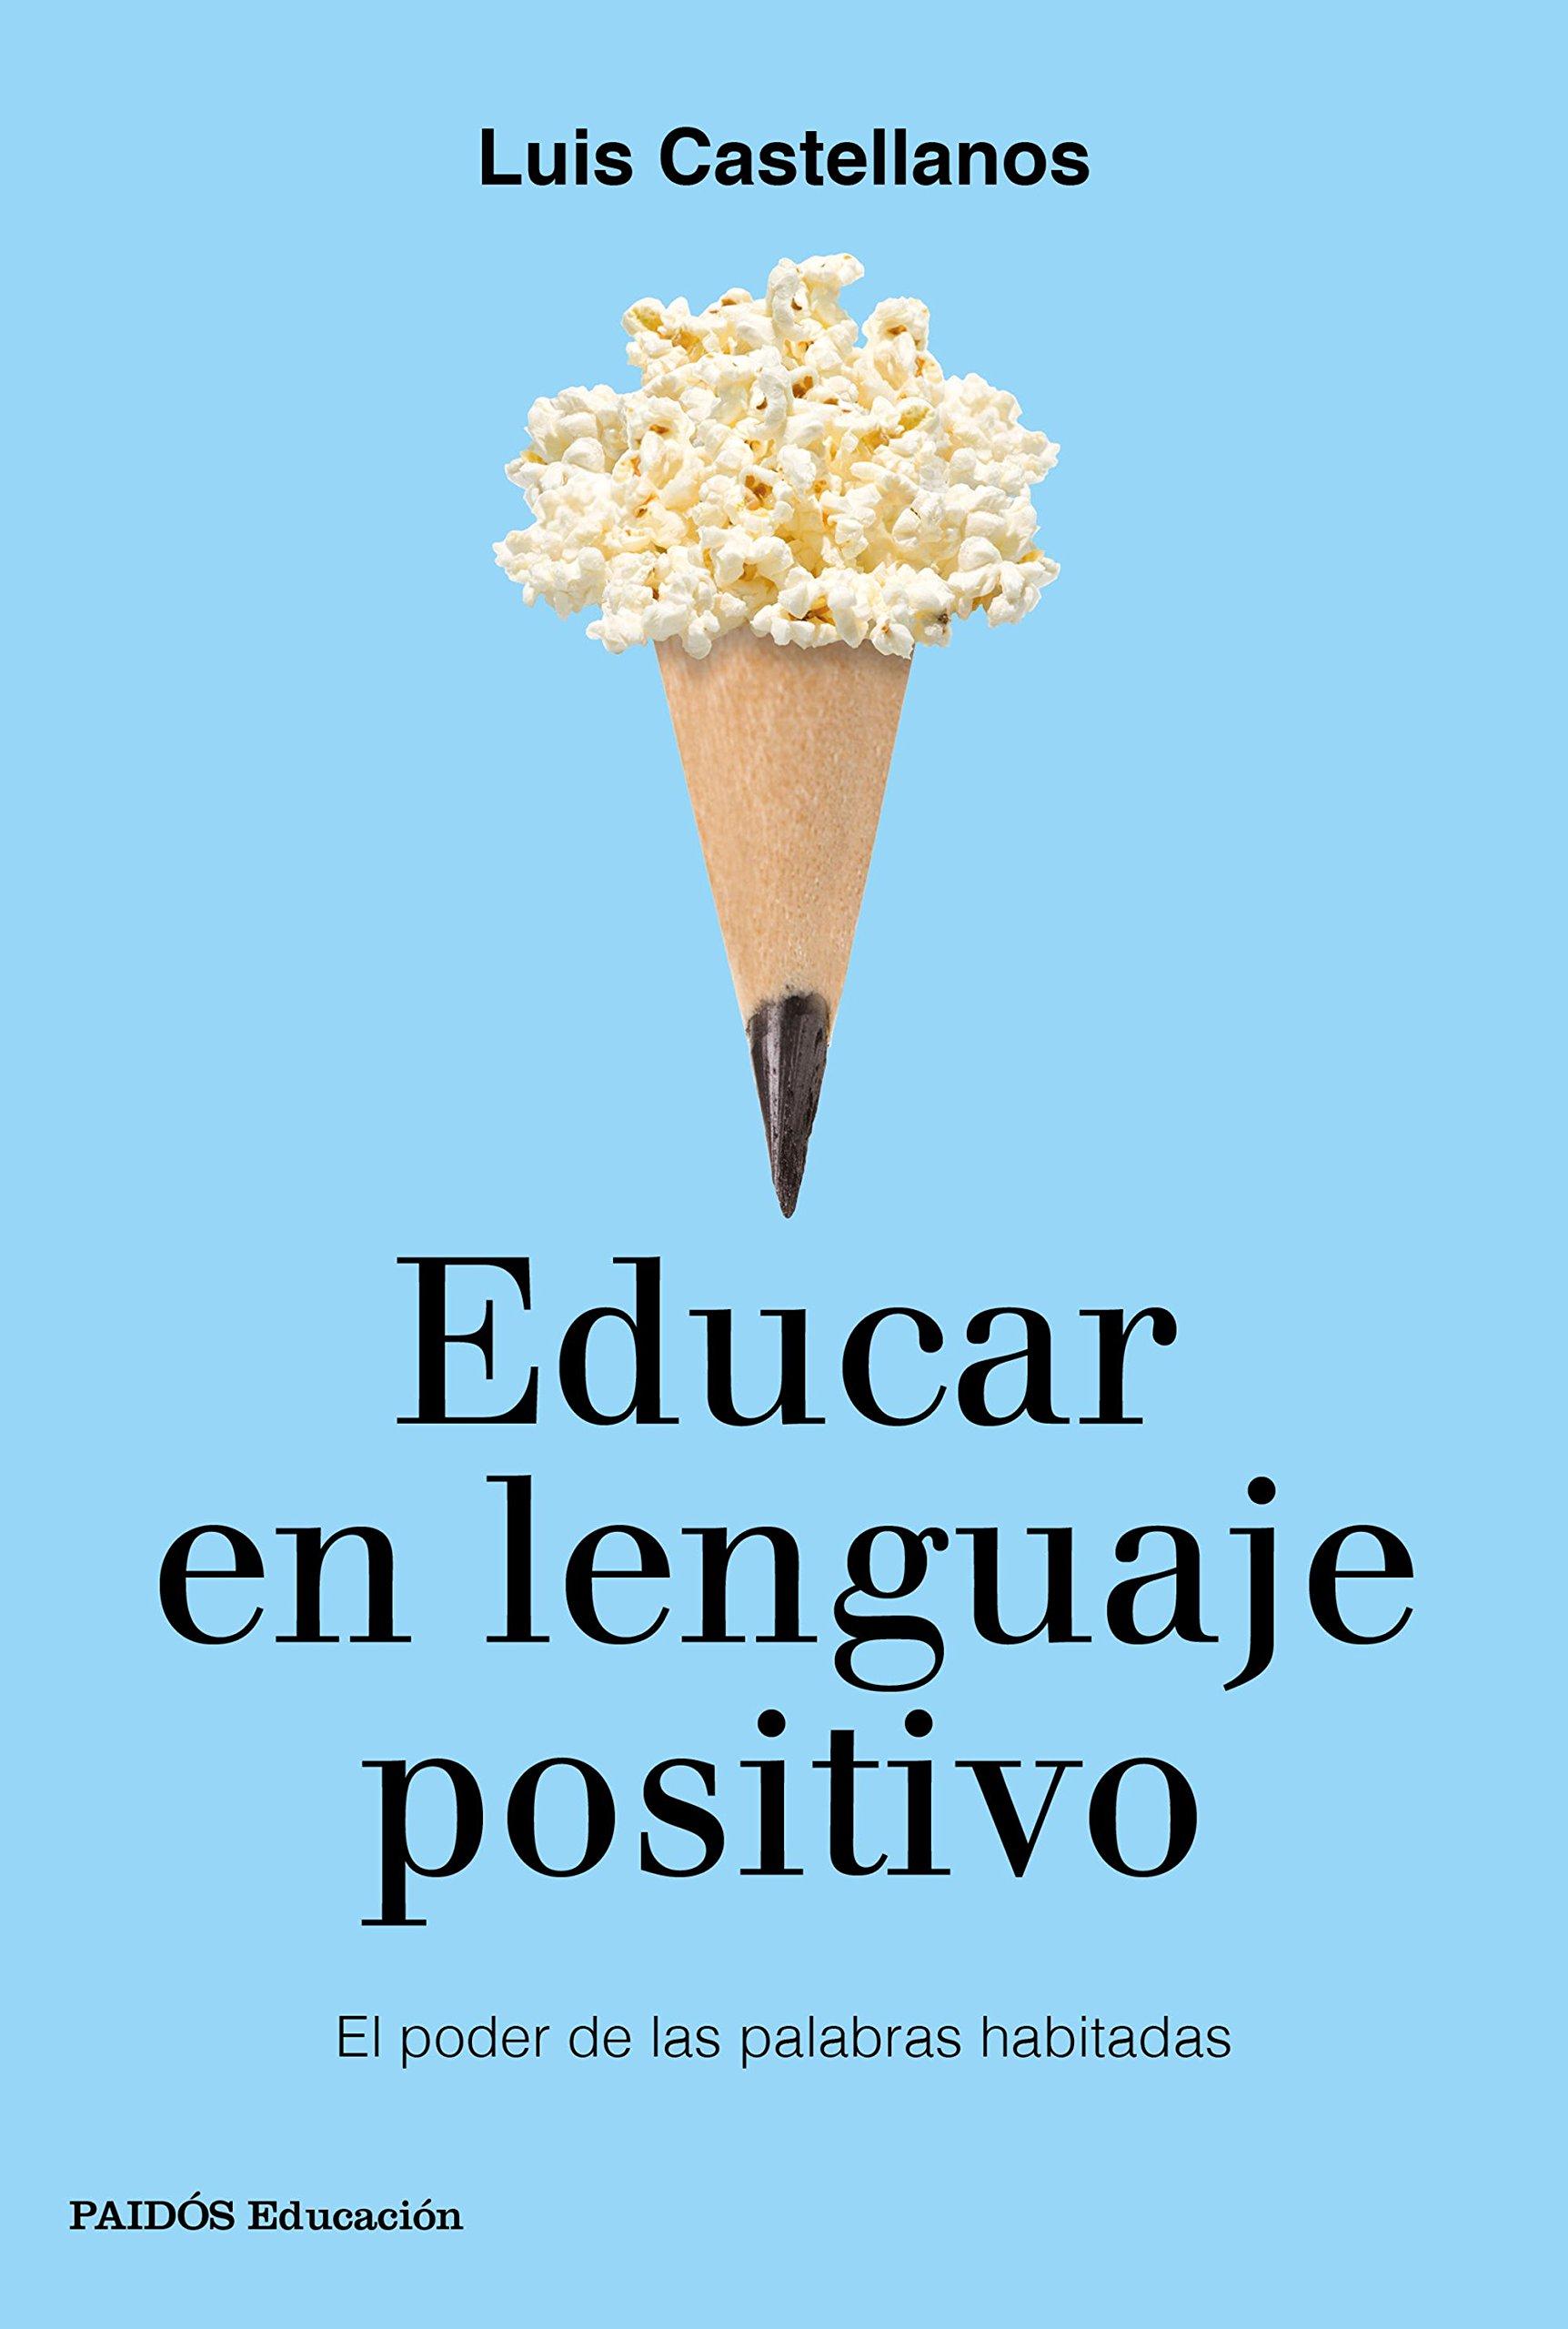 Educar en lenguaje positivo: El poder de las palabras habitadas (Educación) Tapa blanda – 24 oct 2017 Luis Castellanos Ediciones Paidós 8449333768 Advice on education